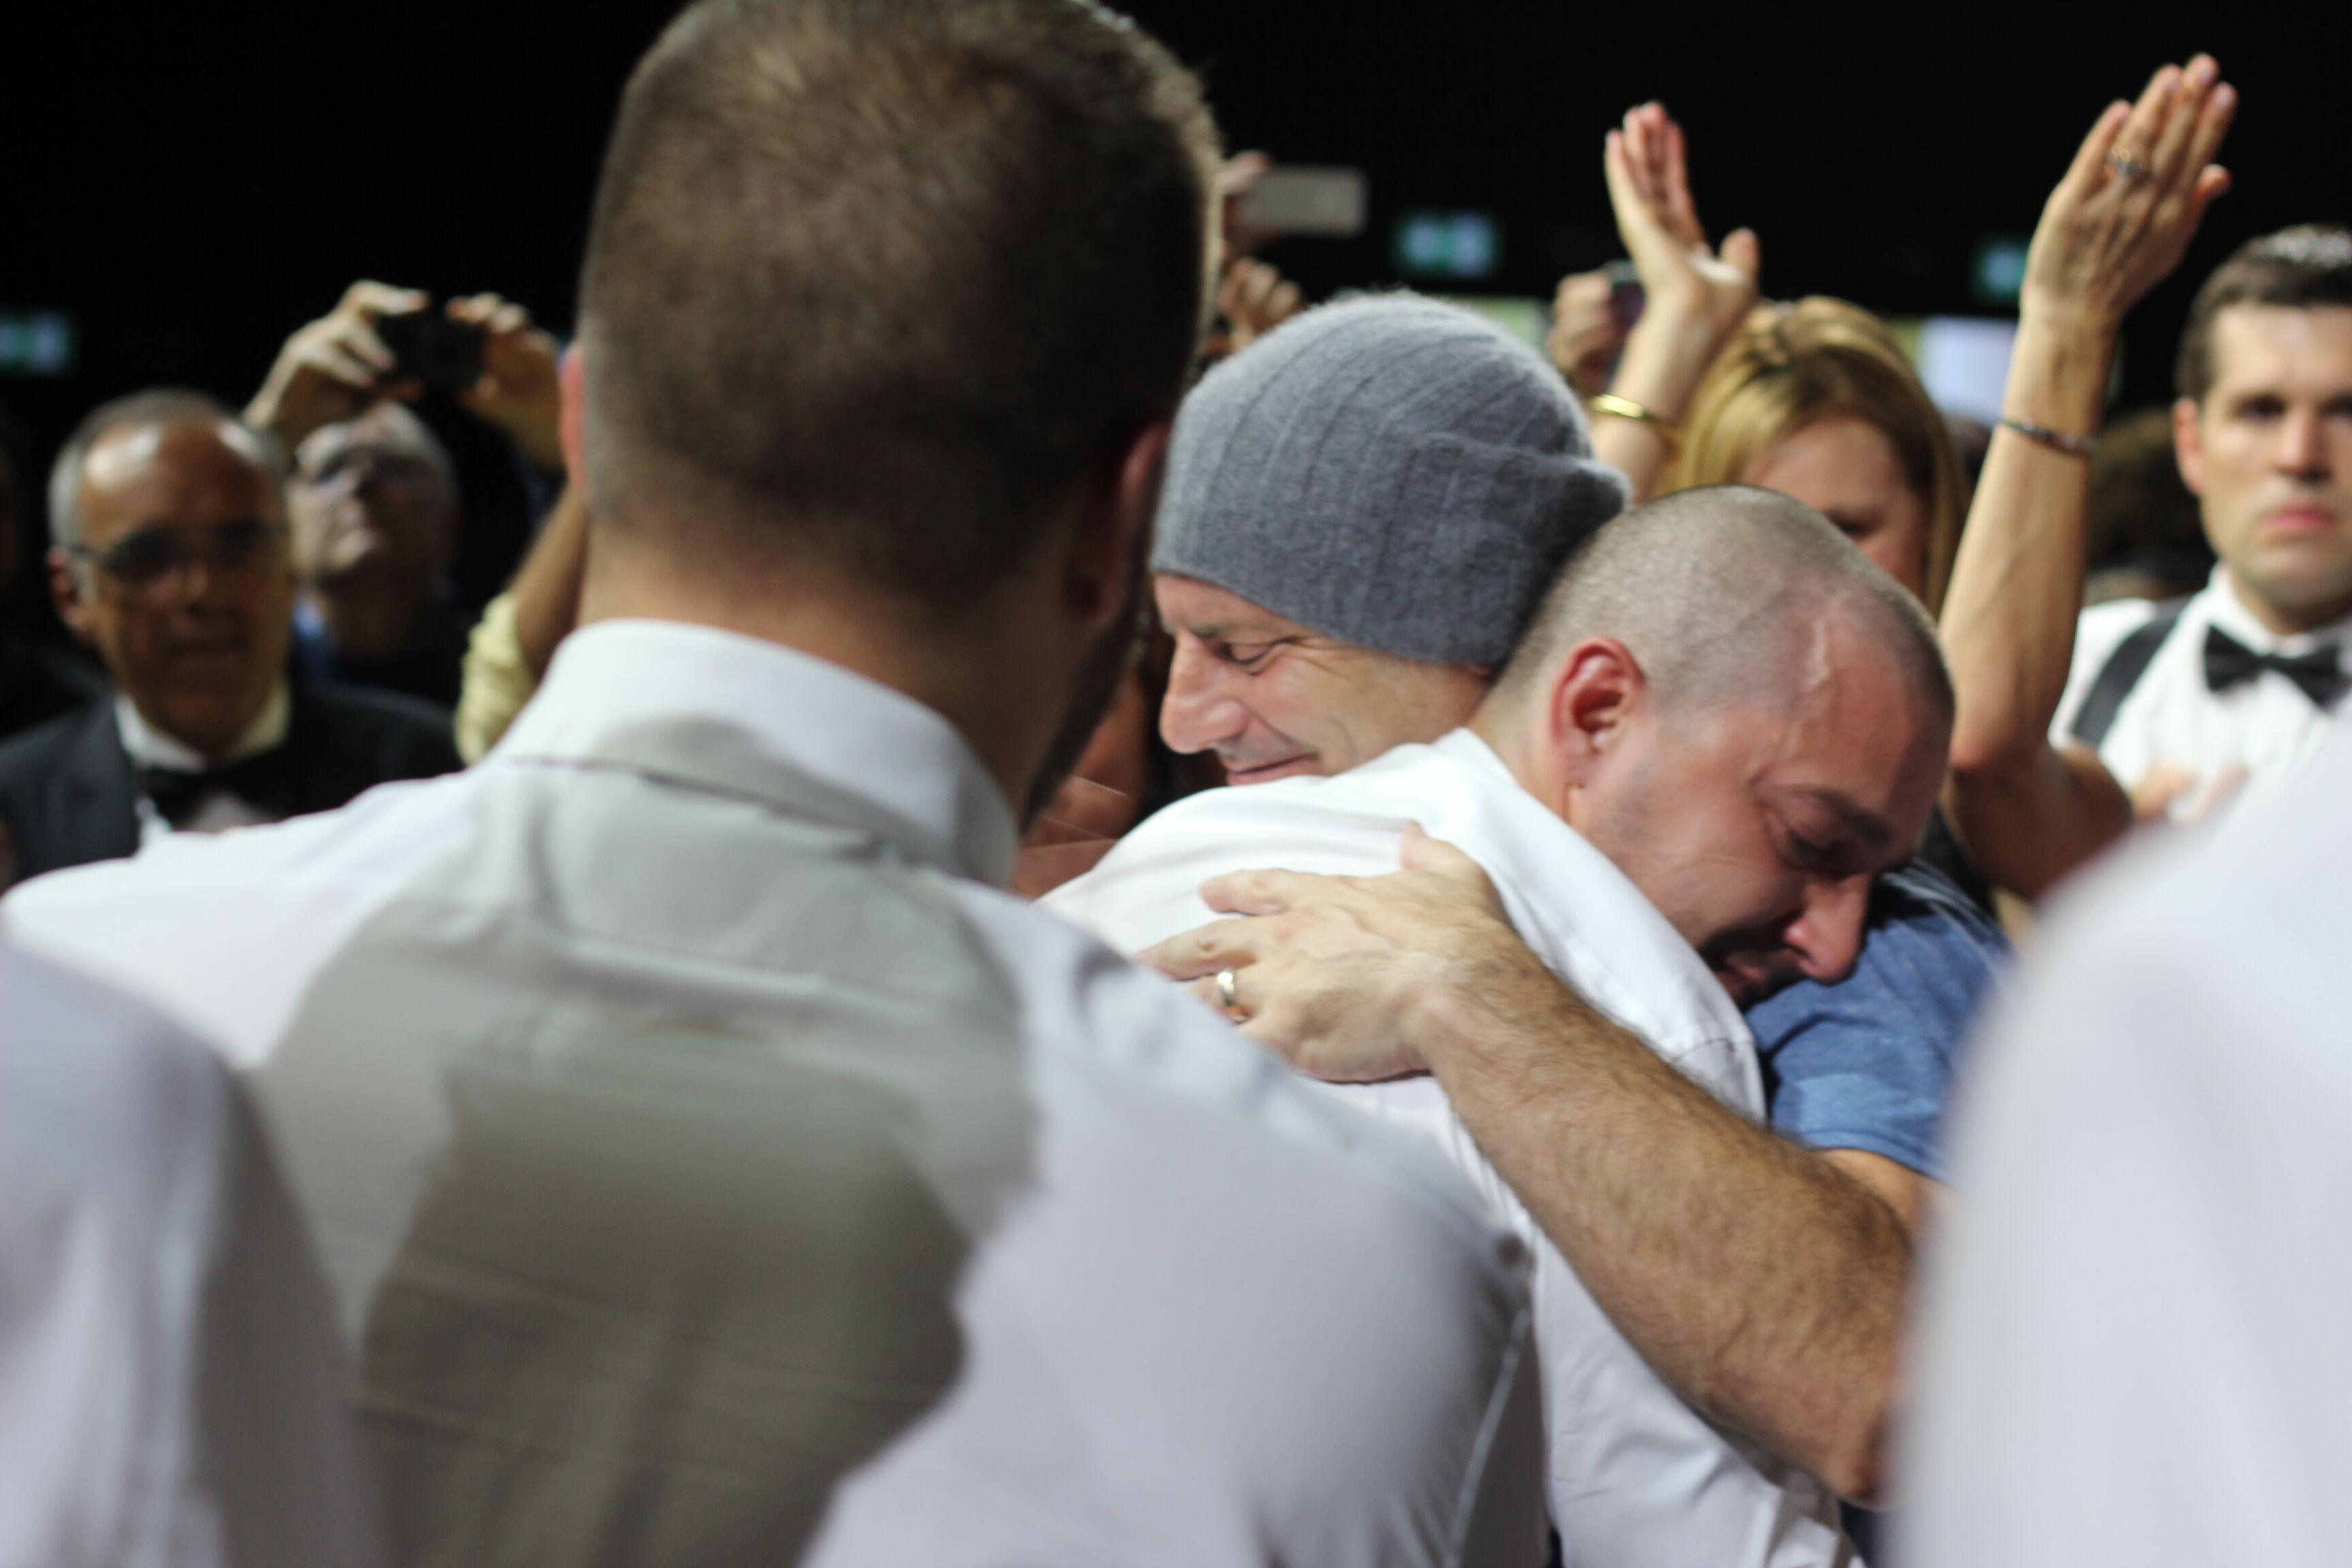 Man Down: Dito Montiel abbraccia un commosso Shia LaBeouf alla fine della proiezione di Venezia72